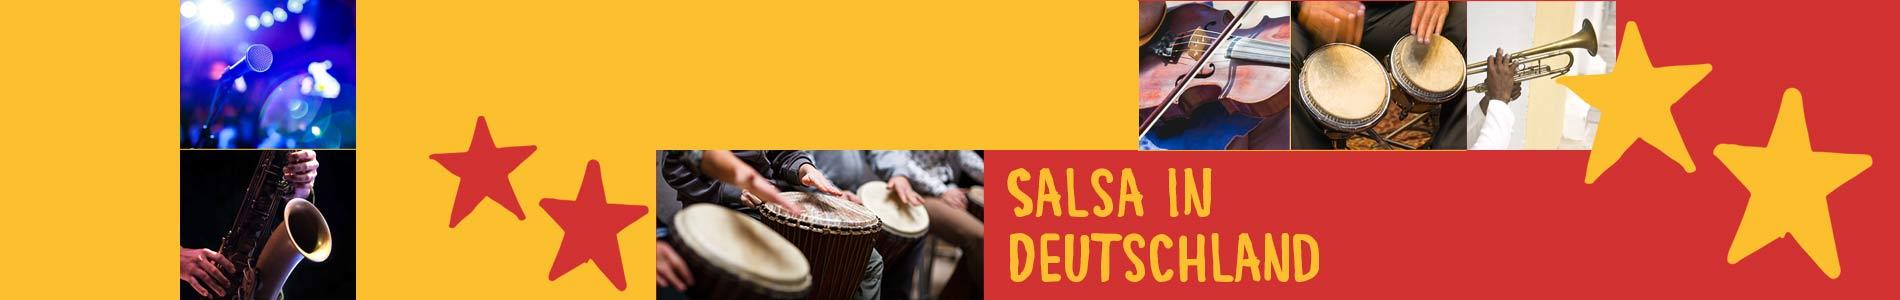 Salsa in Dettighofen – Salsa lernen und tanzen, Tanzkurse, Partys, Veranstaltungen